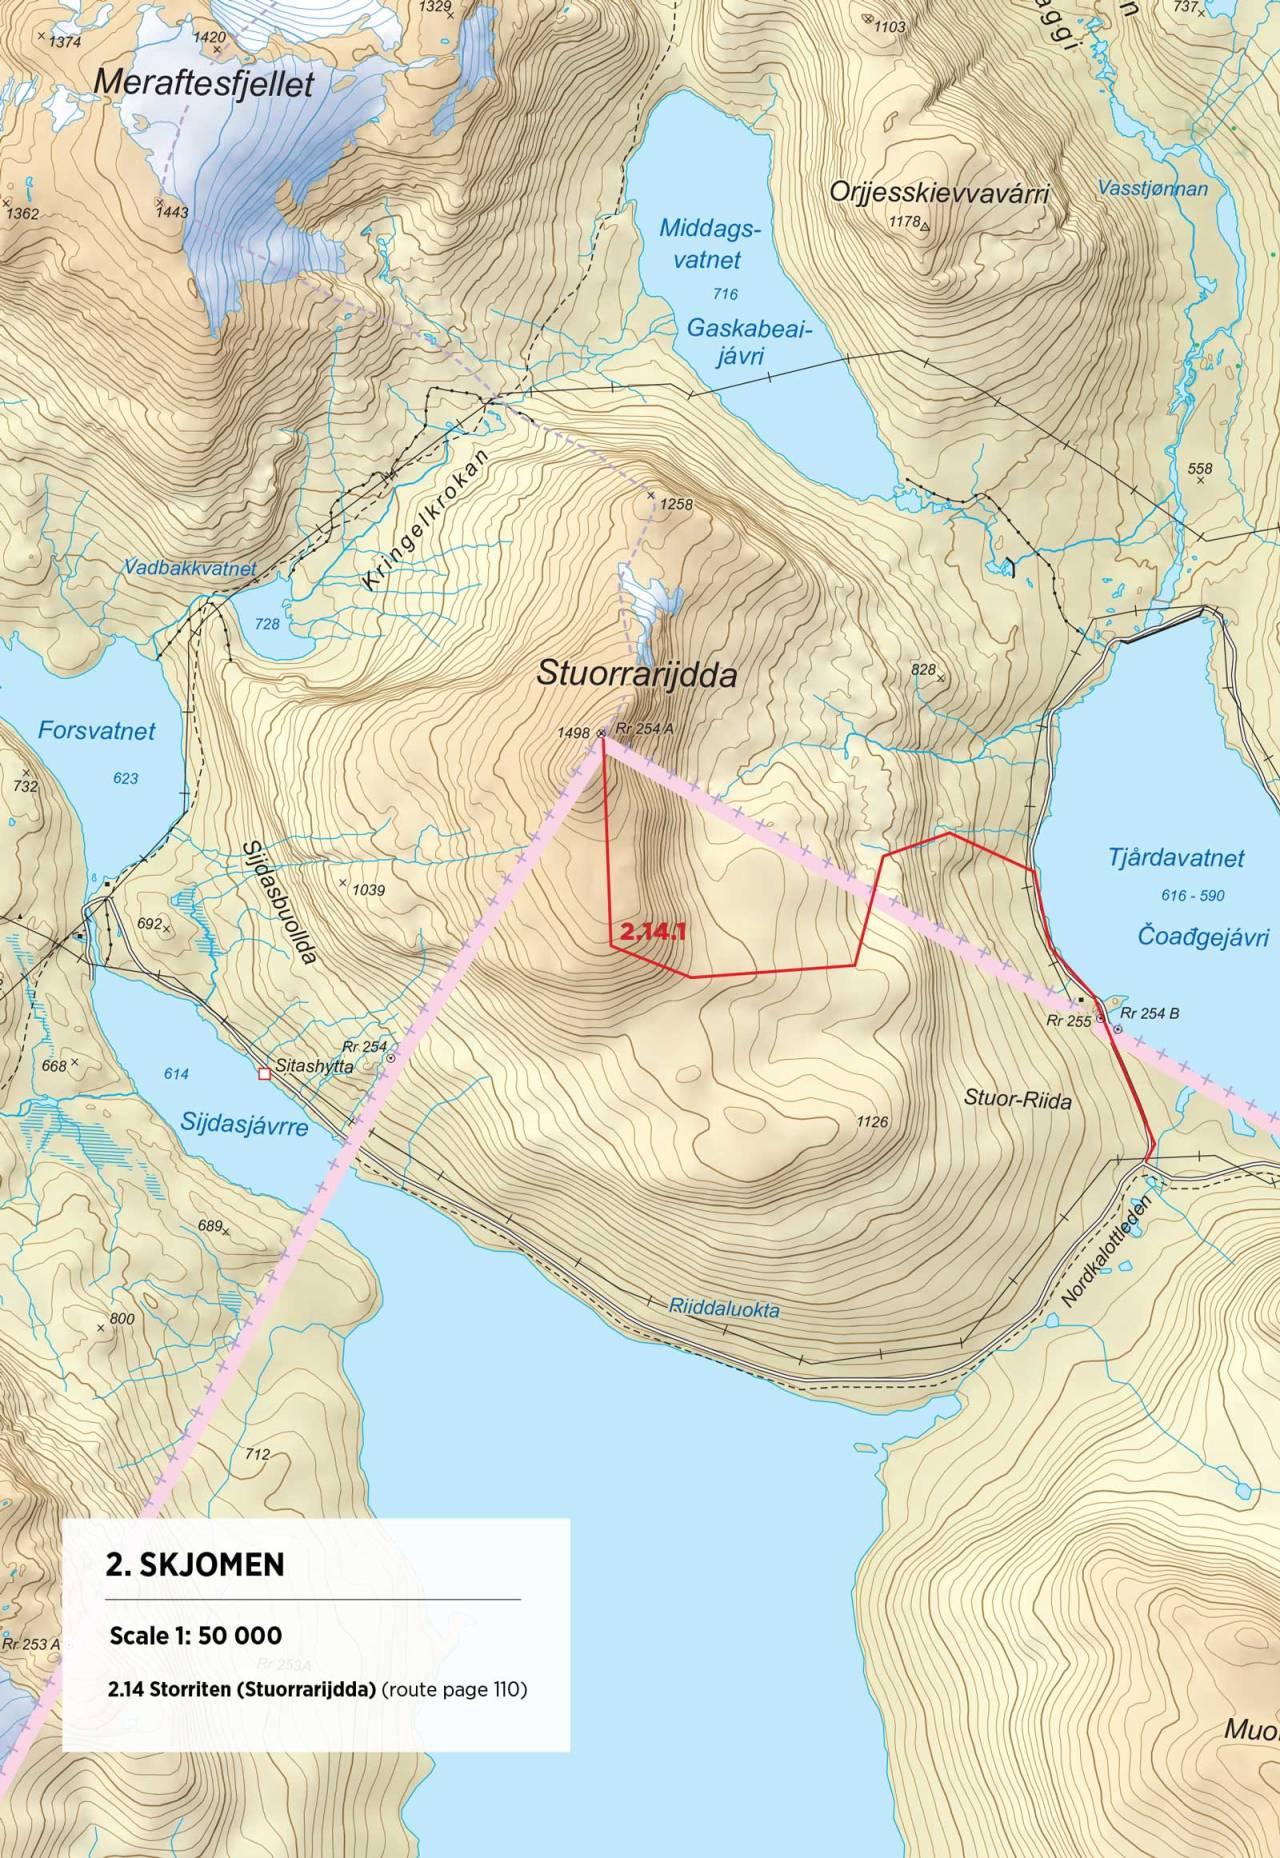 Kart over Storriten med inntegnet rute. Fra Toppturer rundt Narvik.